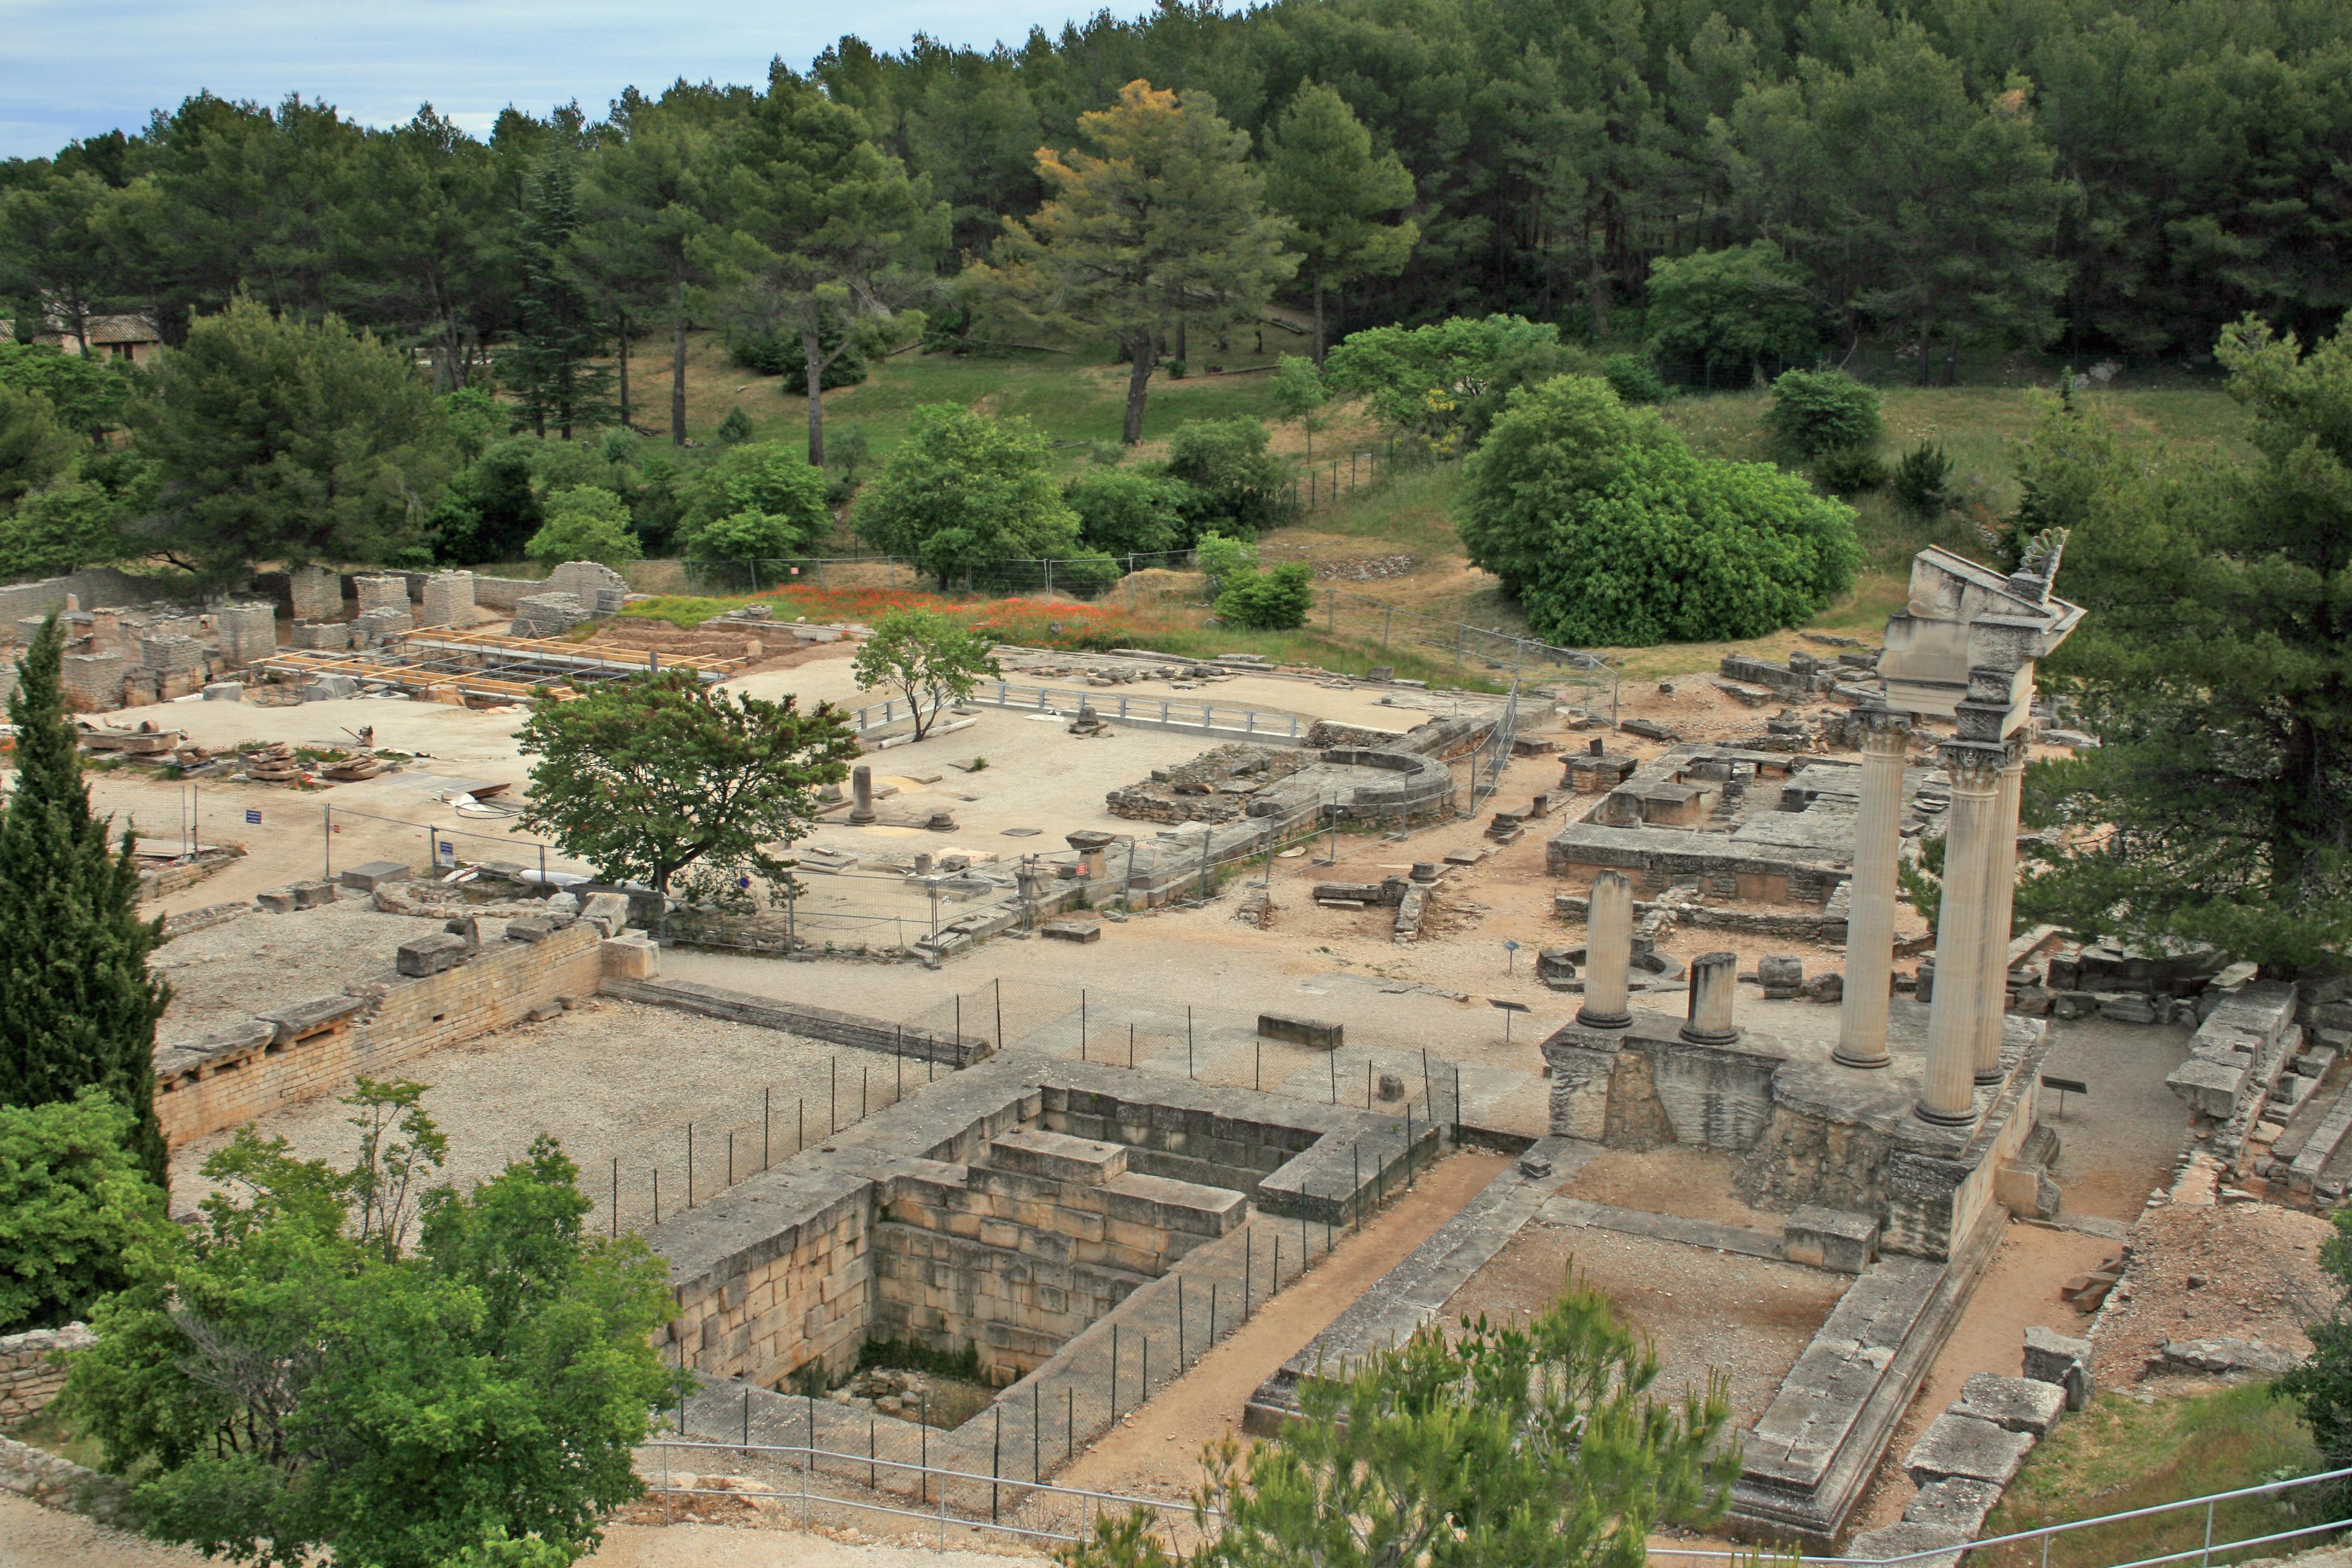 Saint remy de provence glanum arts et voyages for Entretien jardin st remy de provence